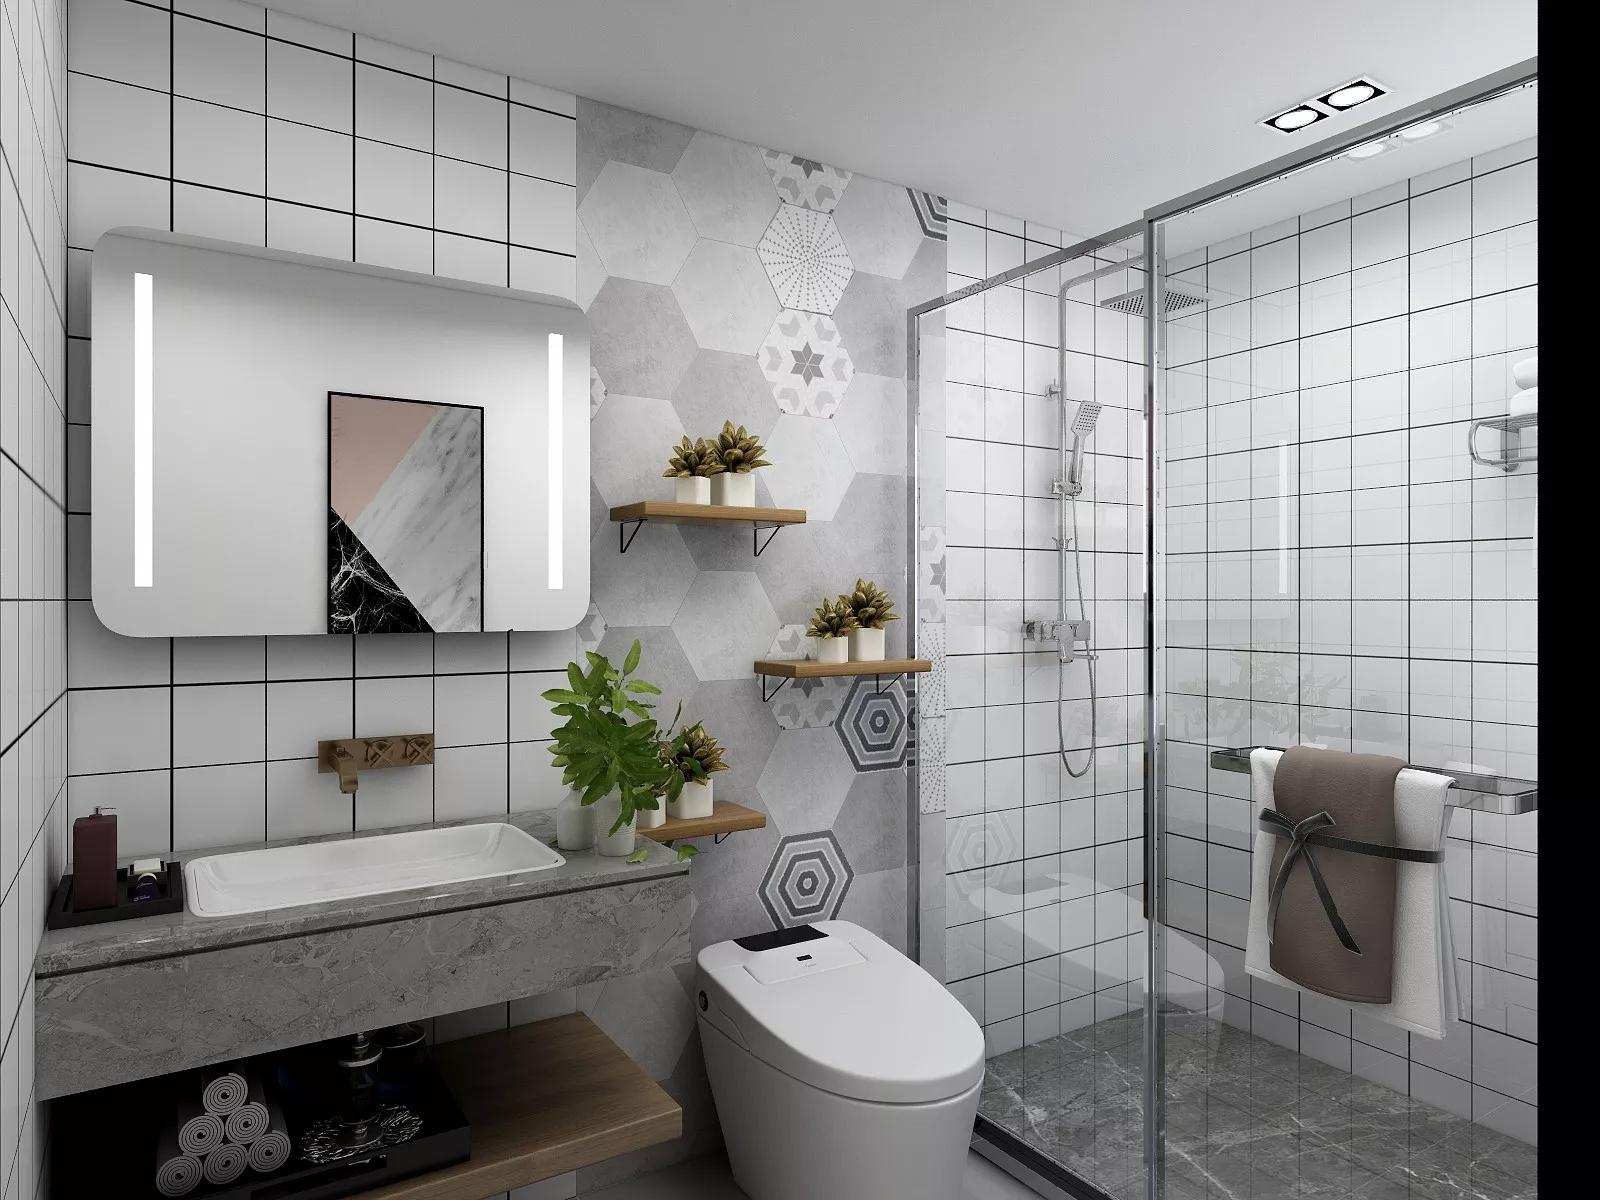 客厅,简约风格,沙发,灯具,茶几,简洁,温馨,小清新